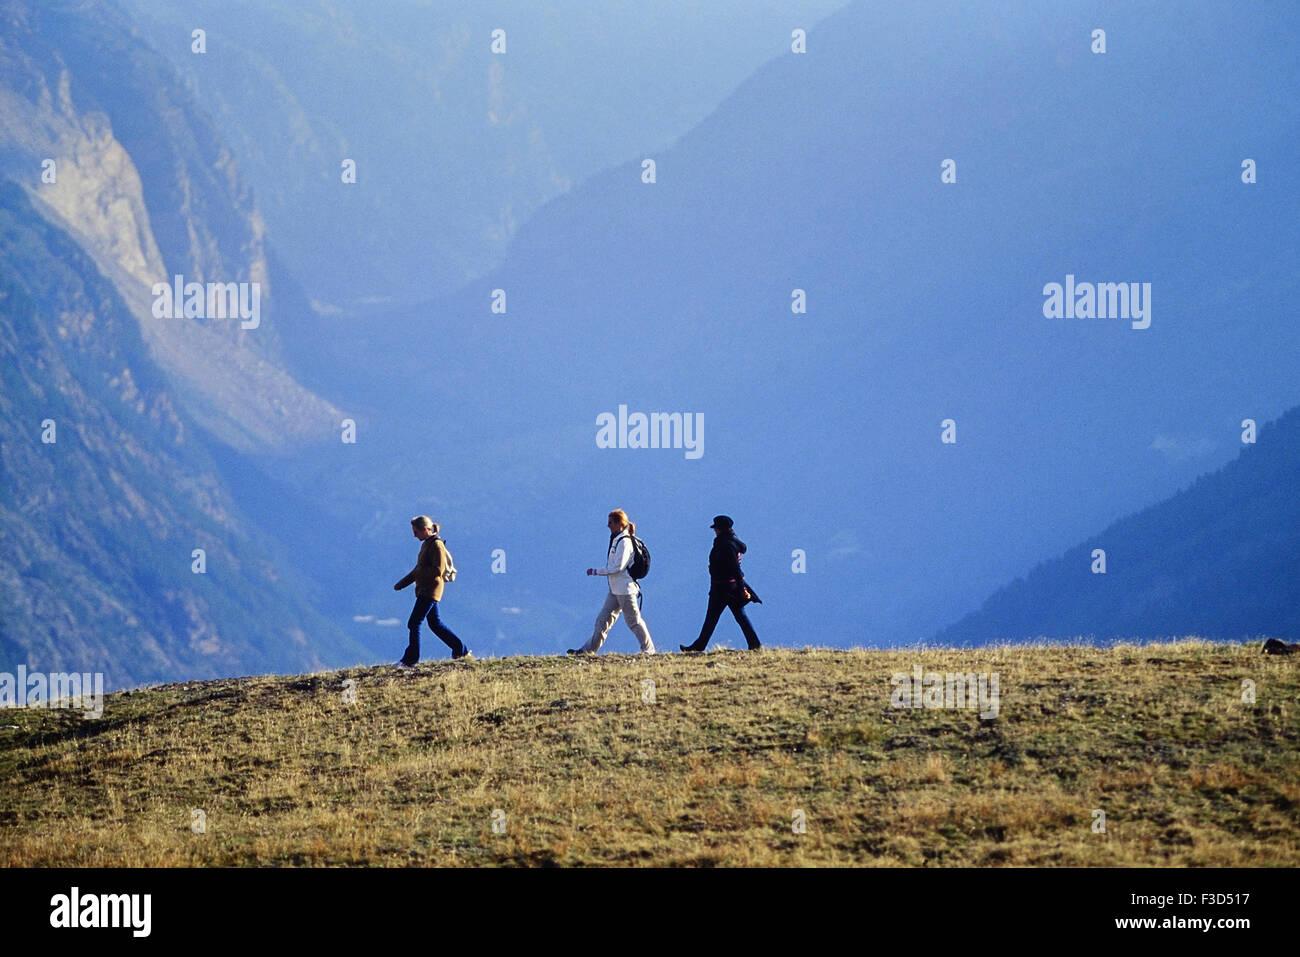 Tre donne escursionismo al di sopra della località alpina di Zermatt. La Svizzera. Europa Immagini Stock